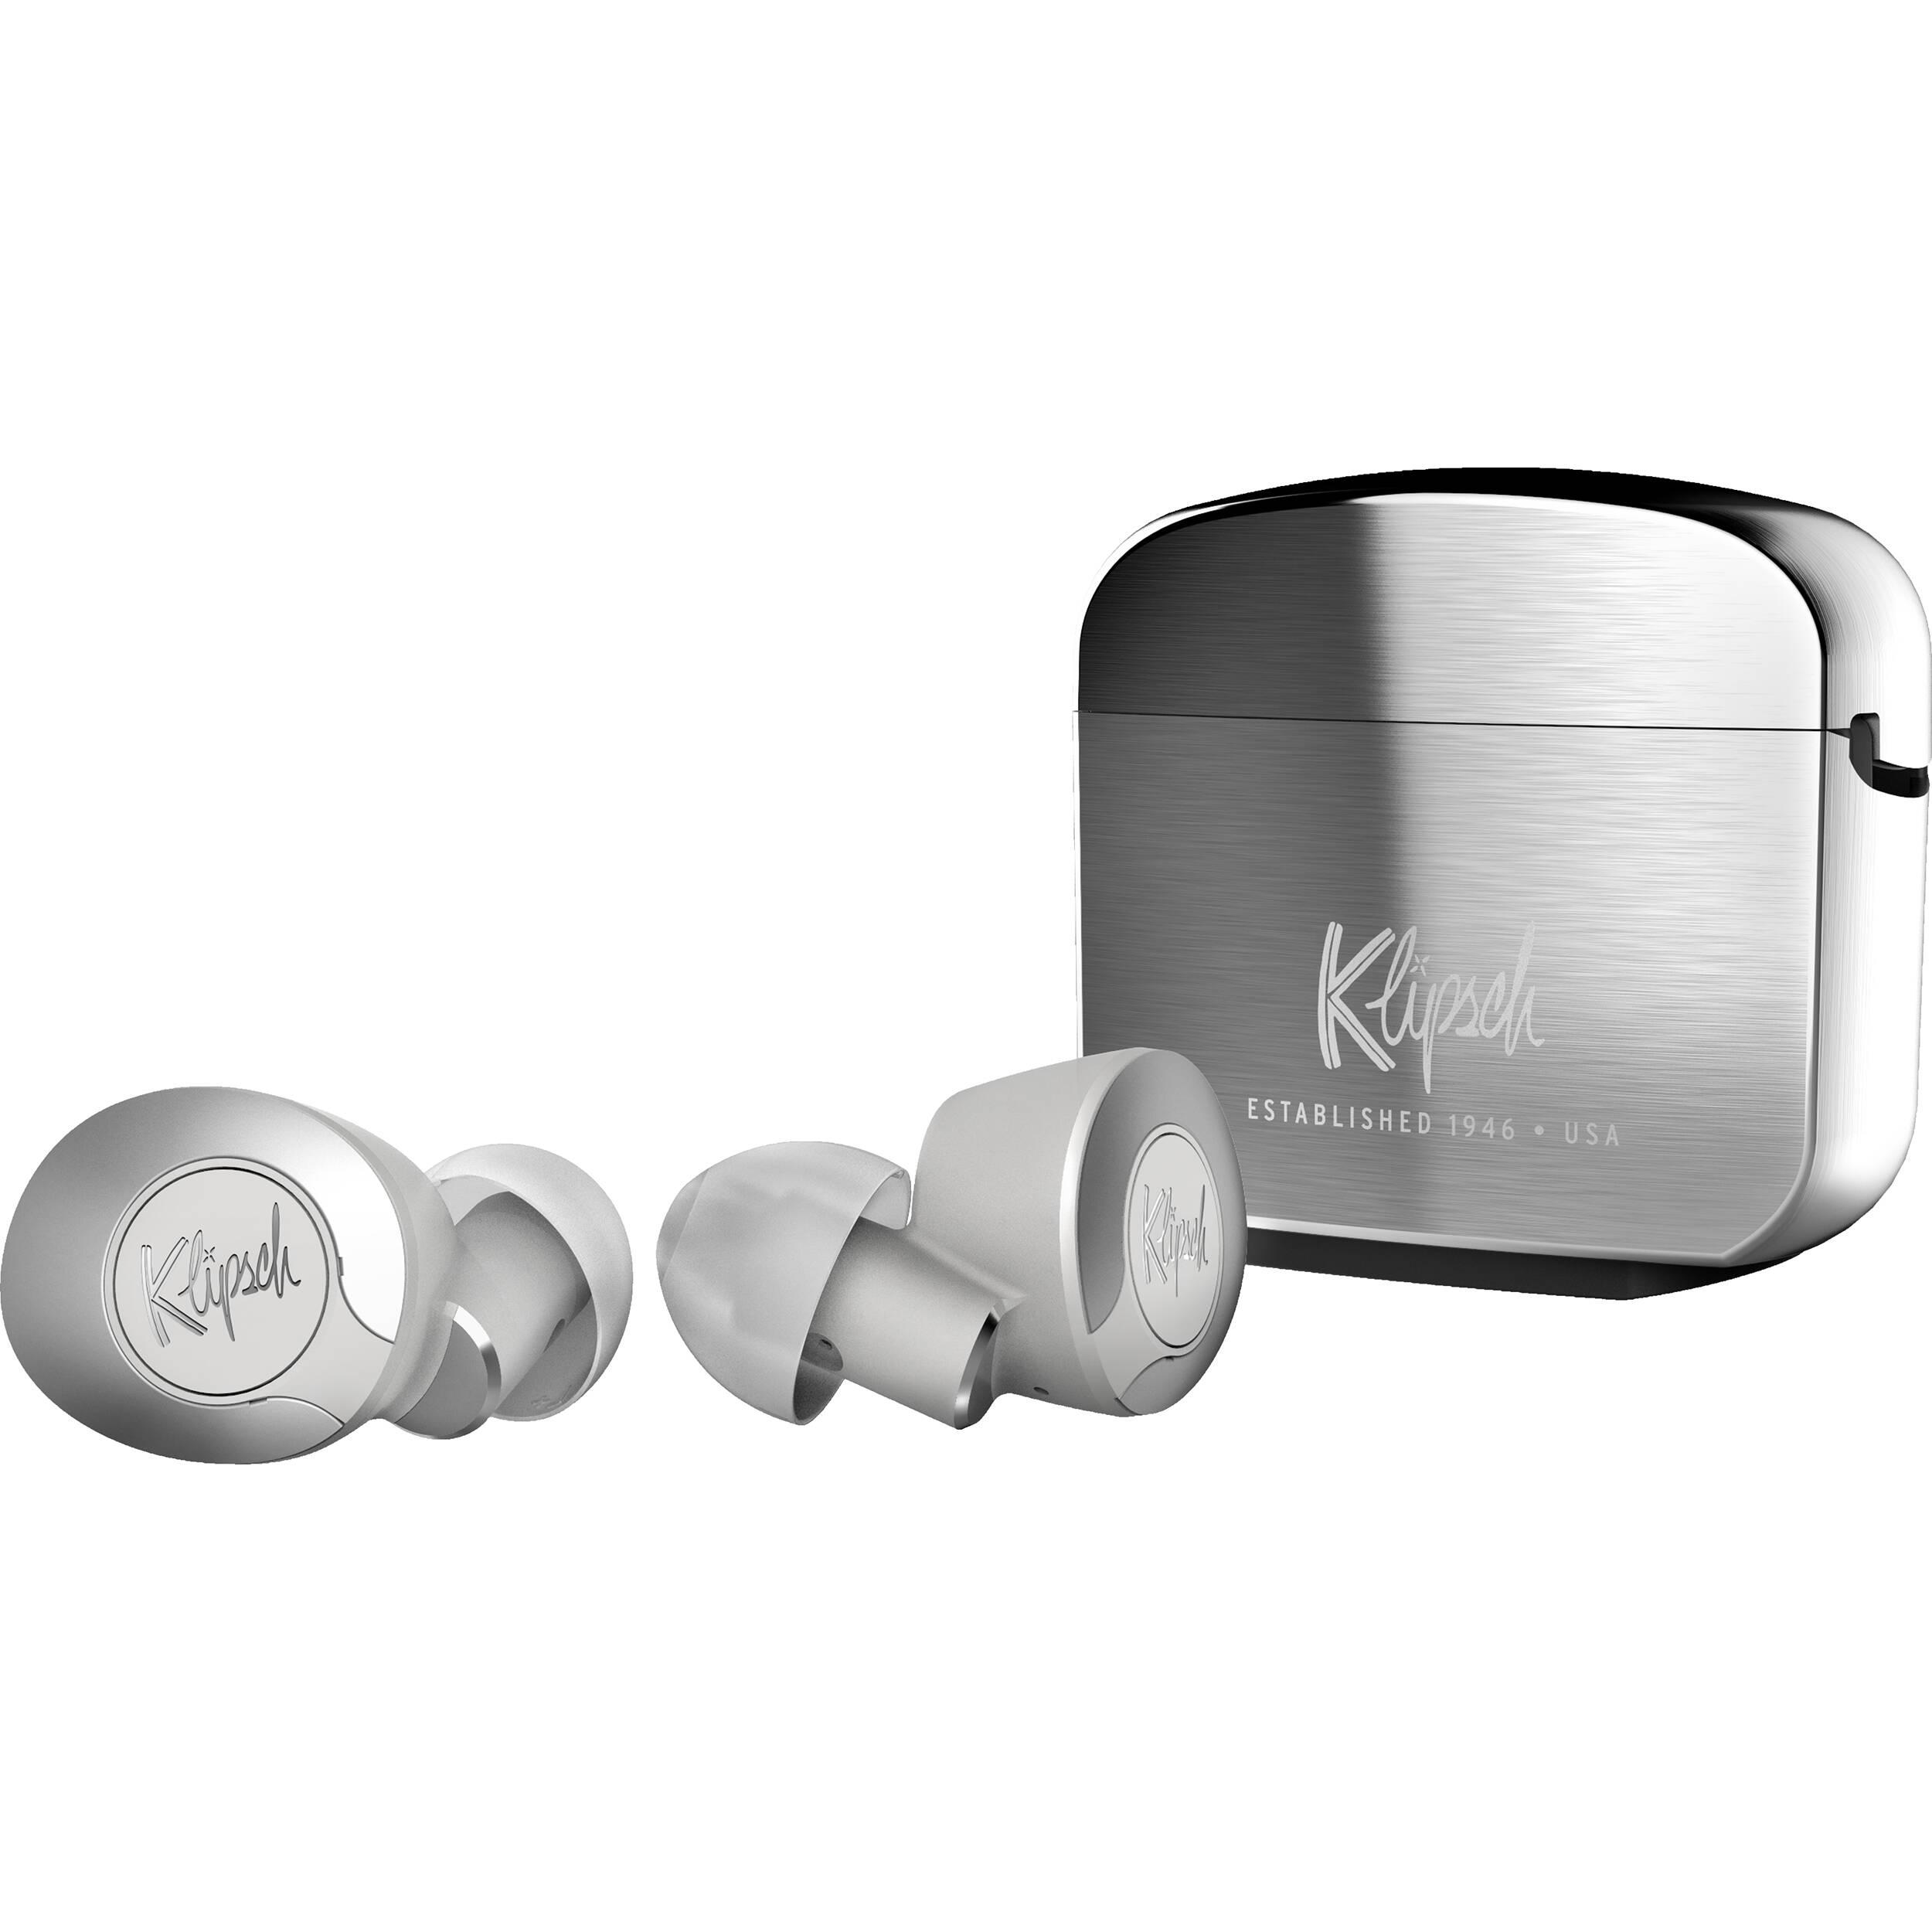 Análisis Auriculares Klipsch T5 True Wireless